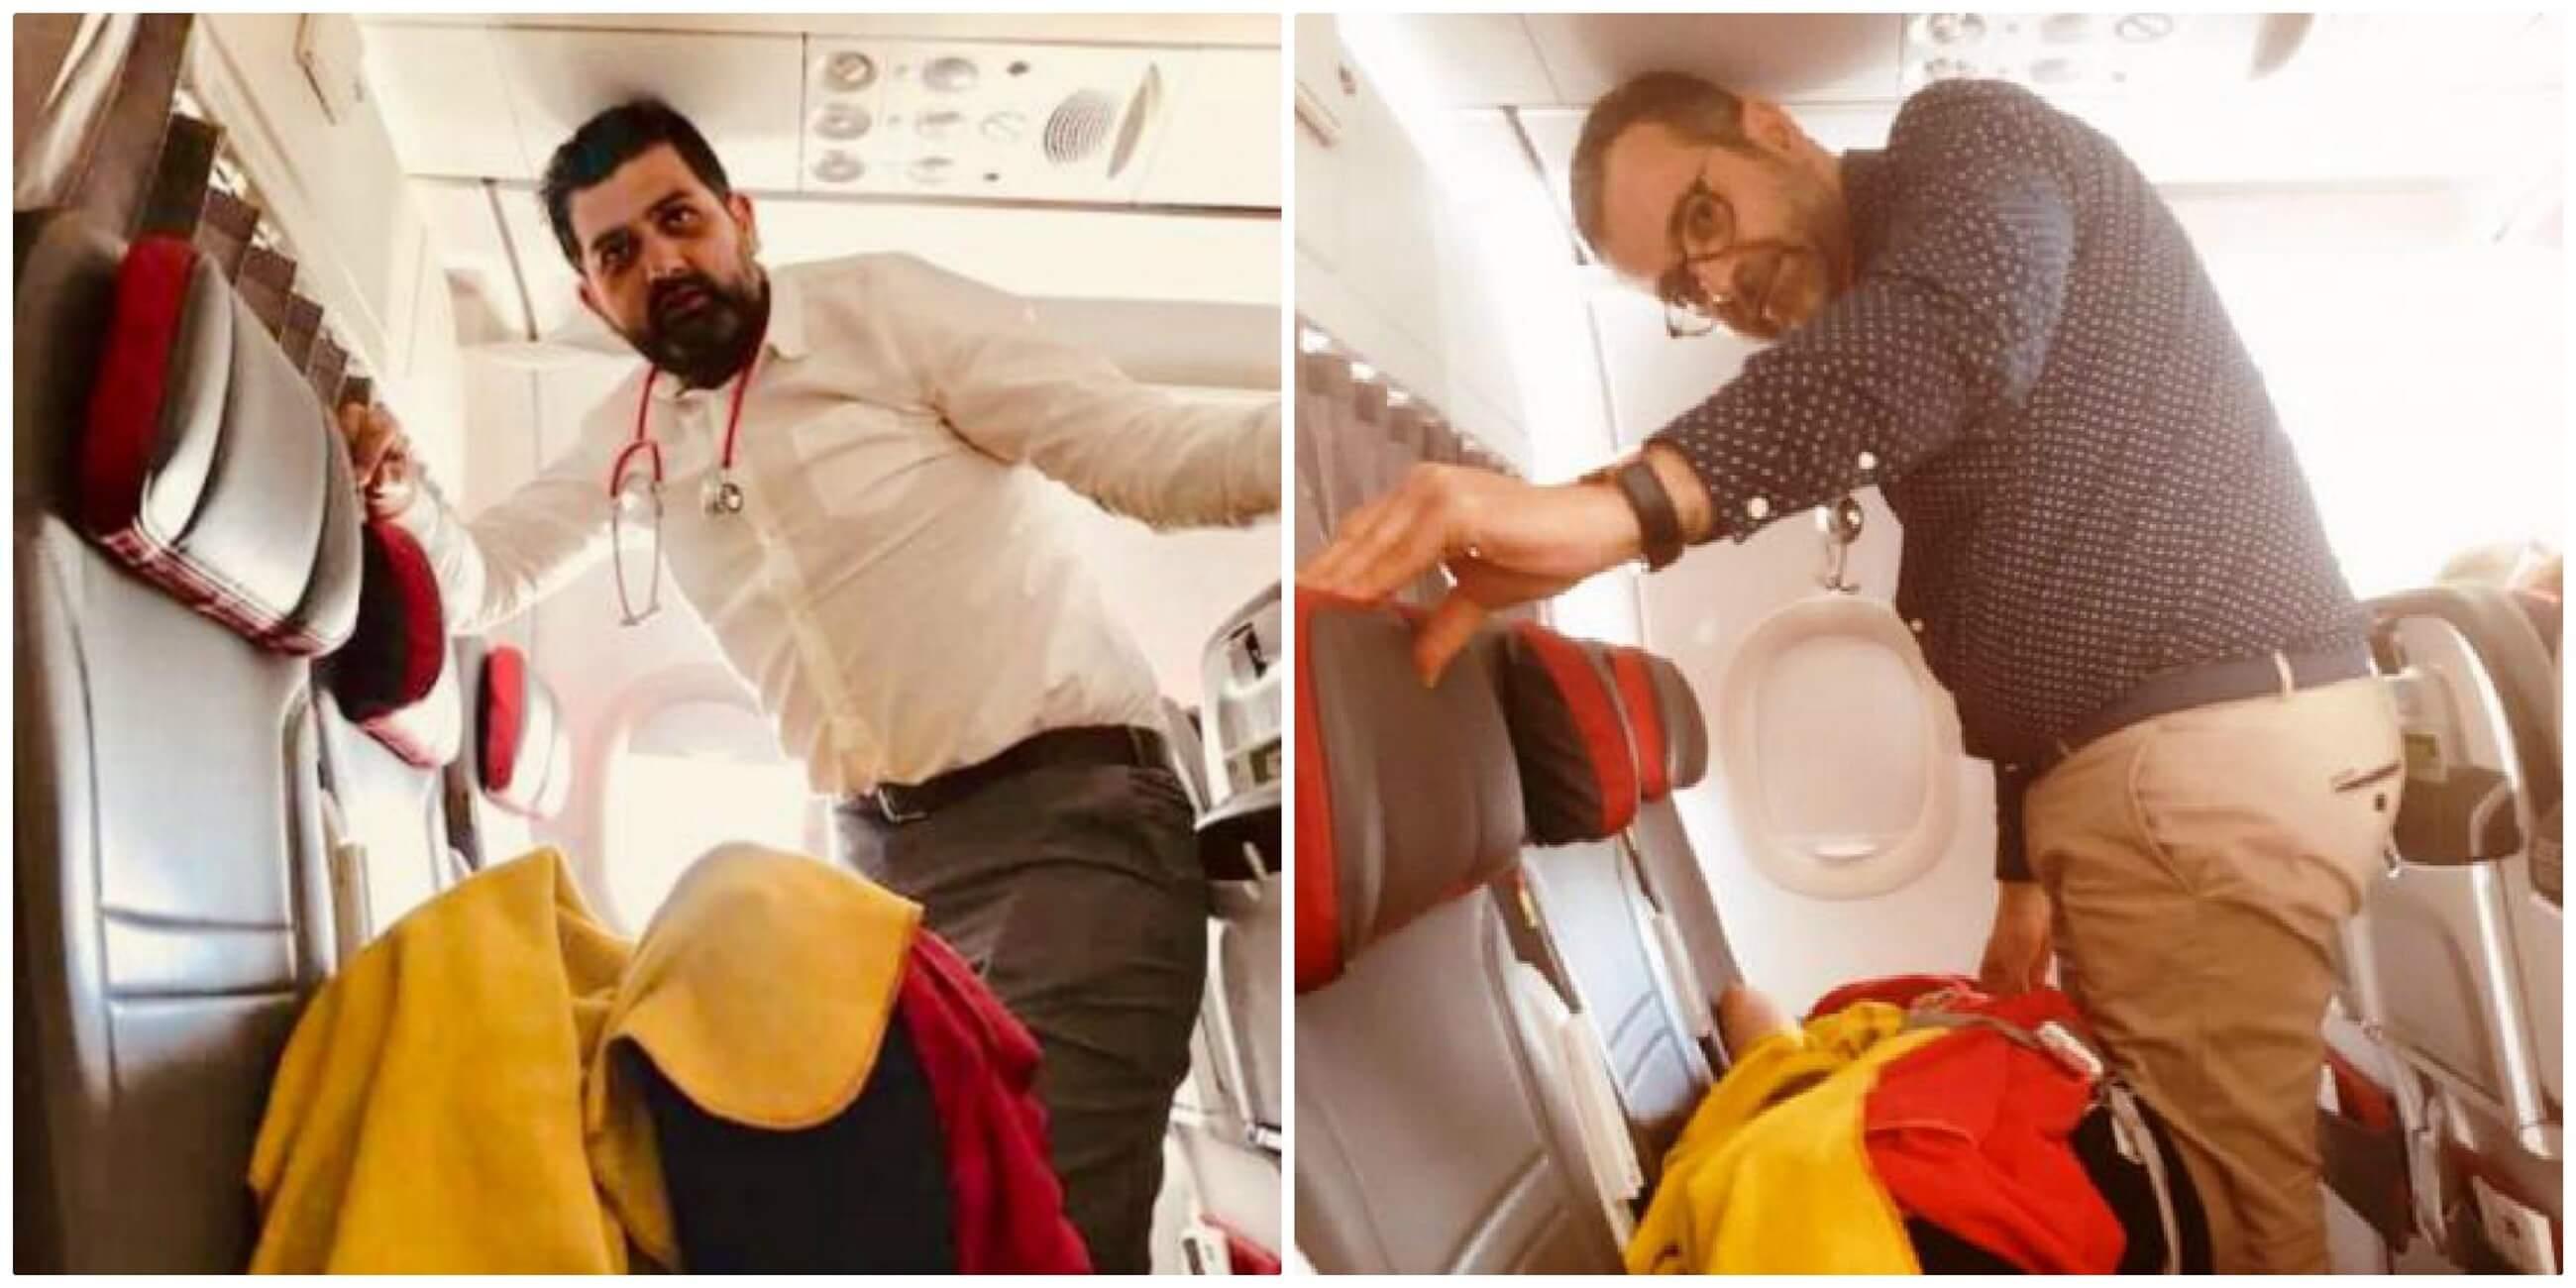 Αχαϊα: Θρίλερ σε αεροπορικό ταξίδι – Την έσωσαν από βέβαιο θάνατο στην καμπίνα των επιβατών [pics]